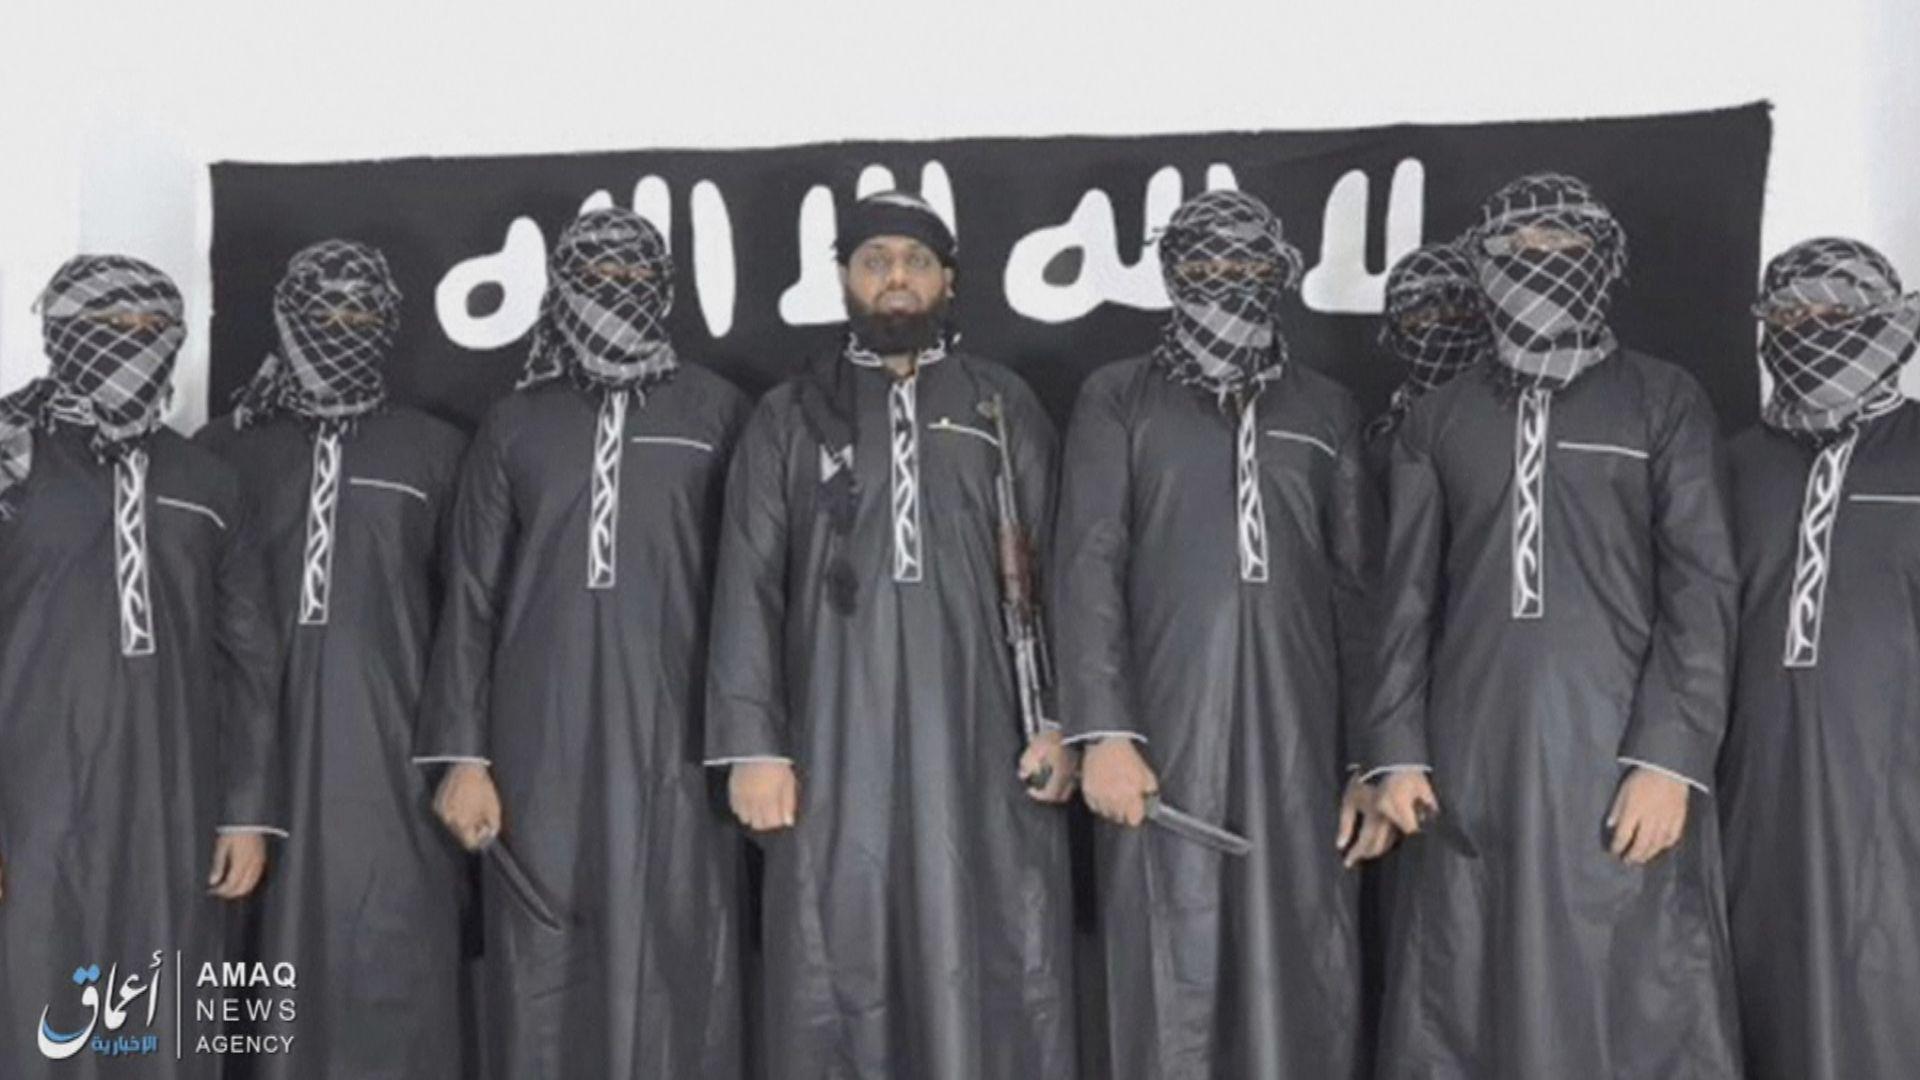 斯里蘭卡恐襲 伊斯蘭國發放聲稱施襲者照片